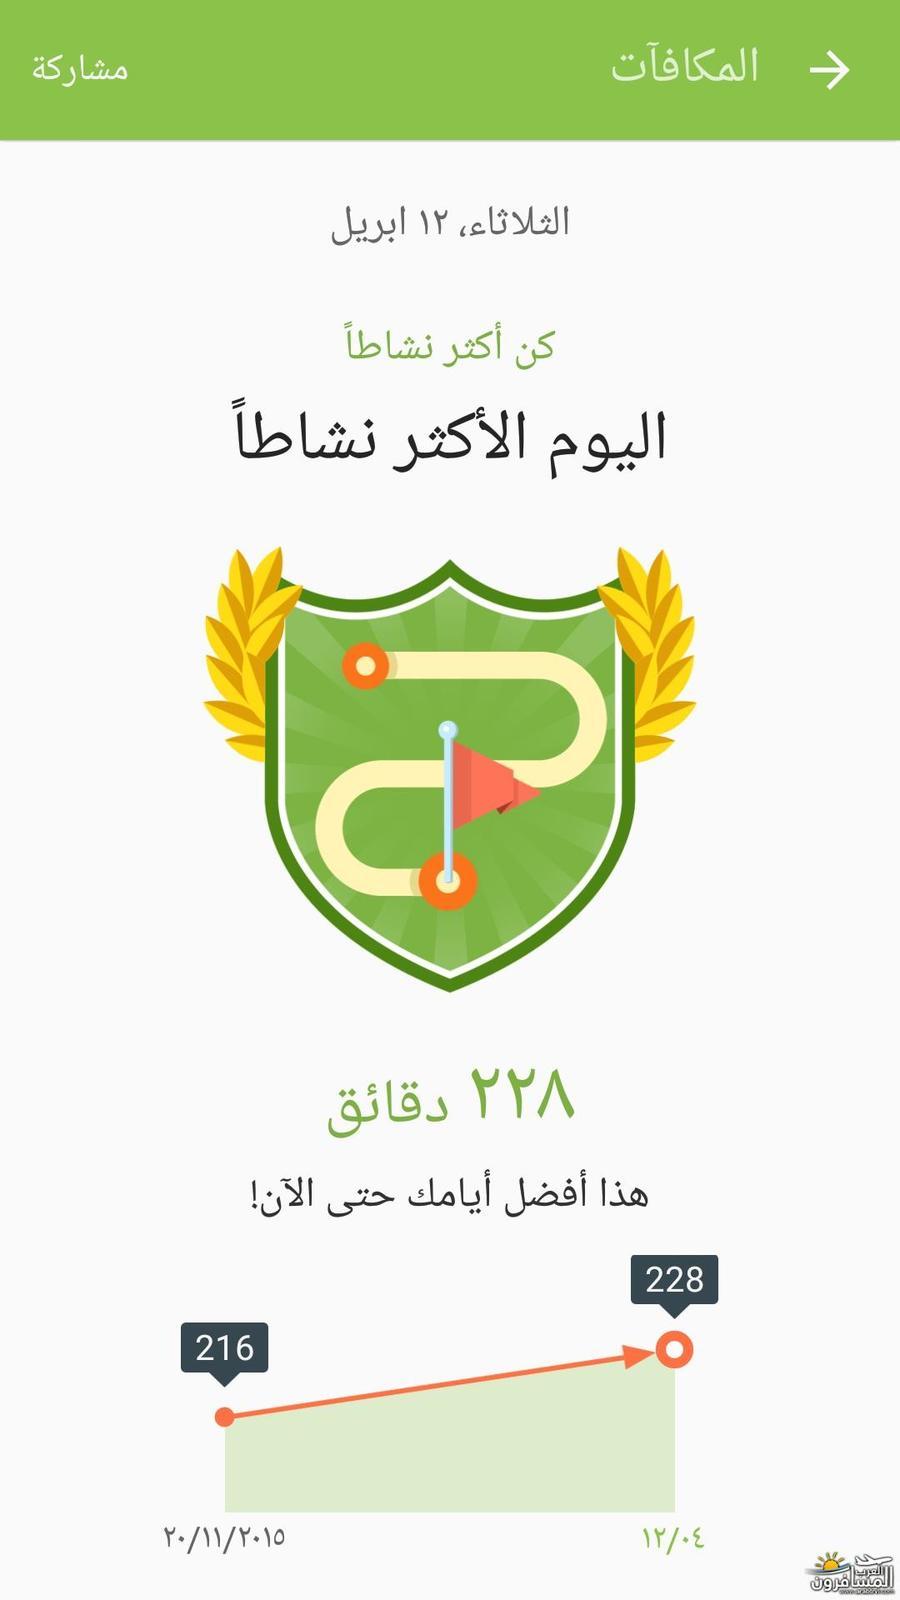 arabtrvl1466771740744.jpg